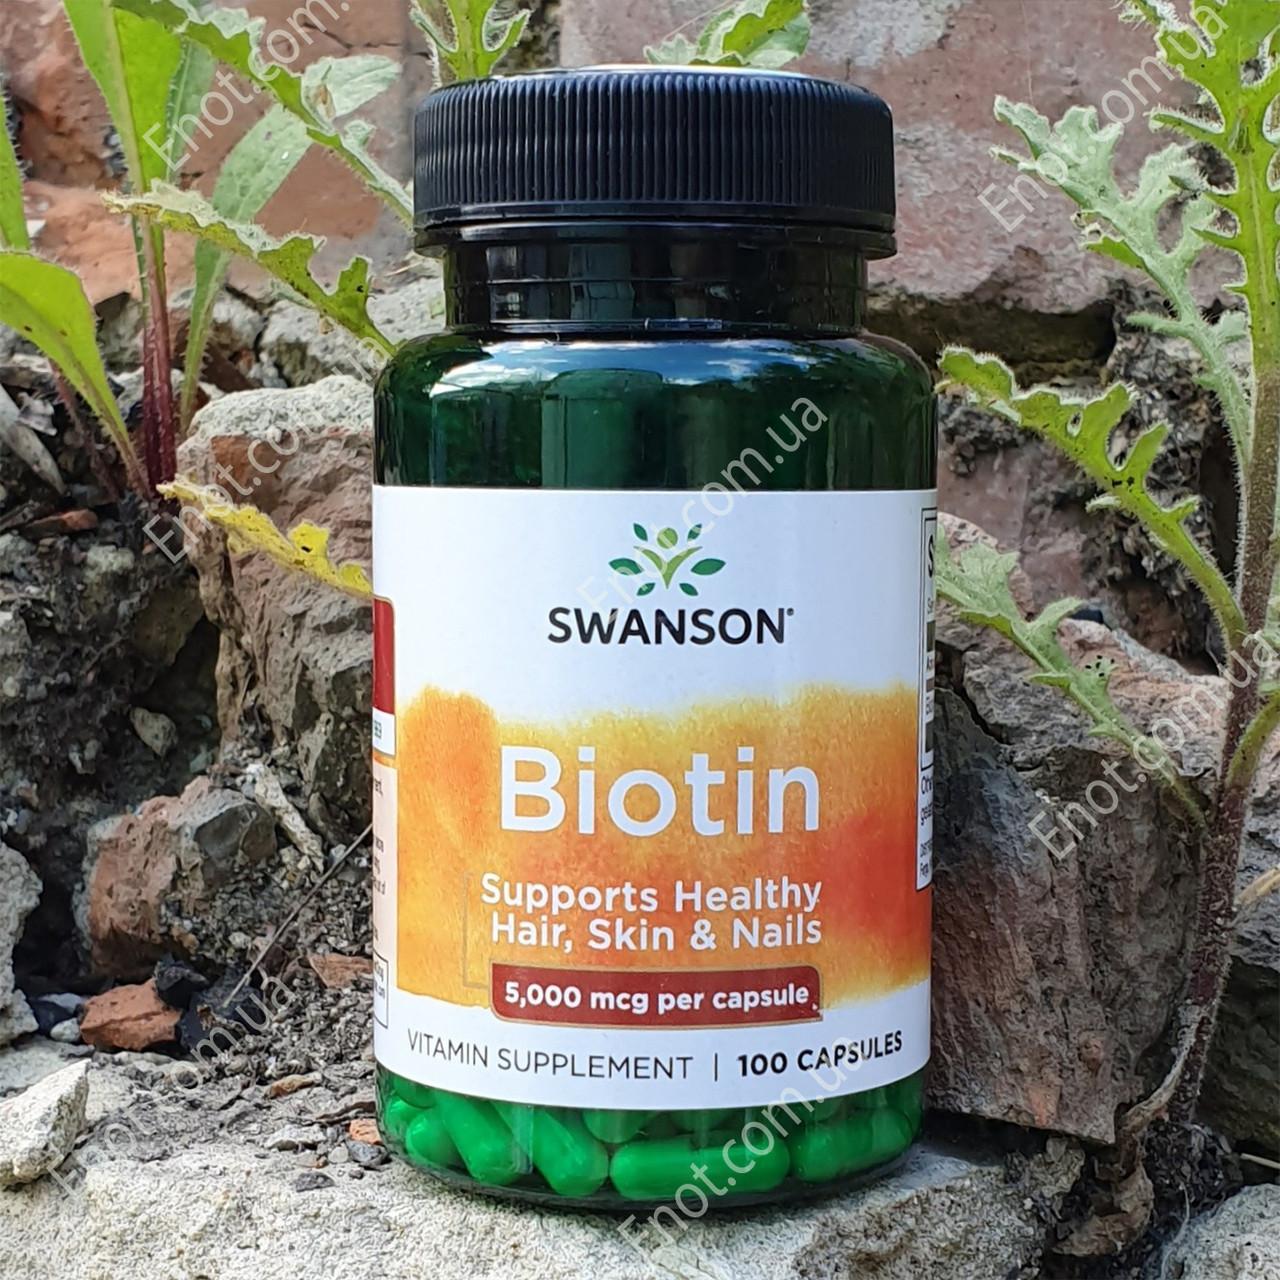 Вітамін Swanson Biotin Біотин 5000 мкг 100 капсул